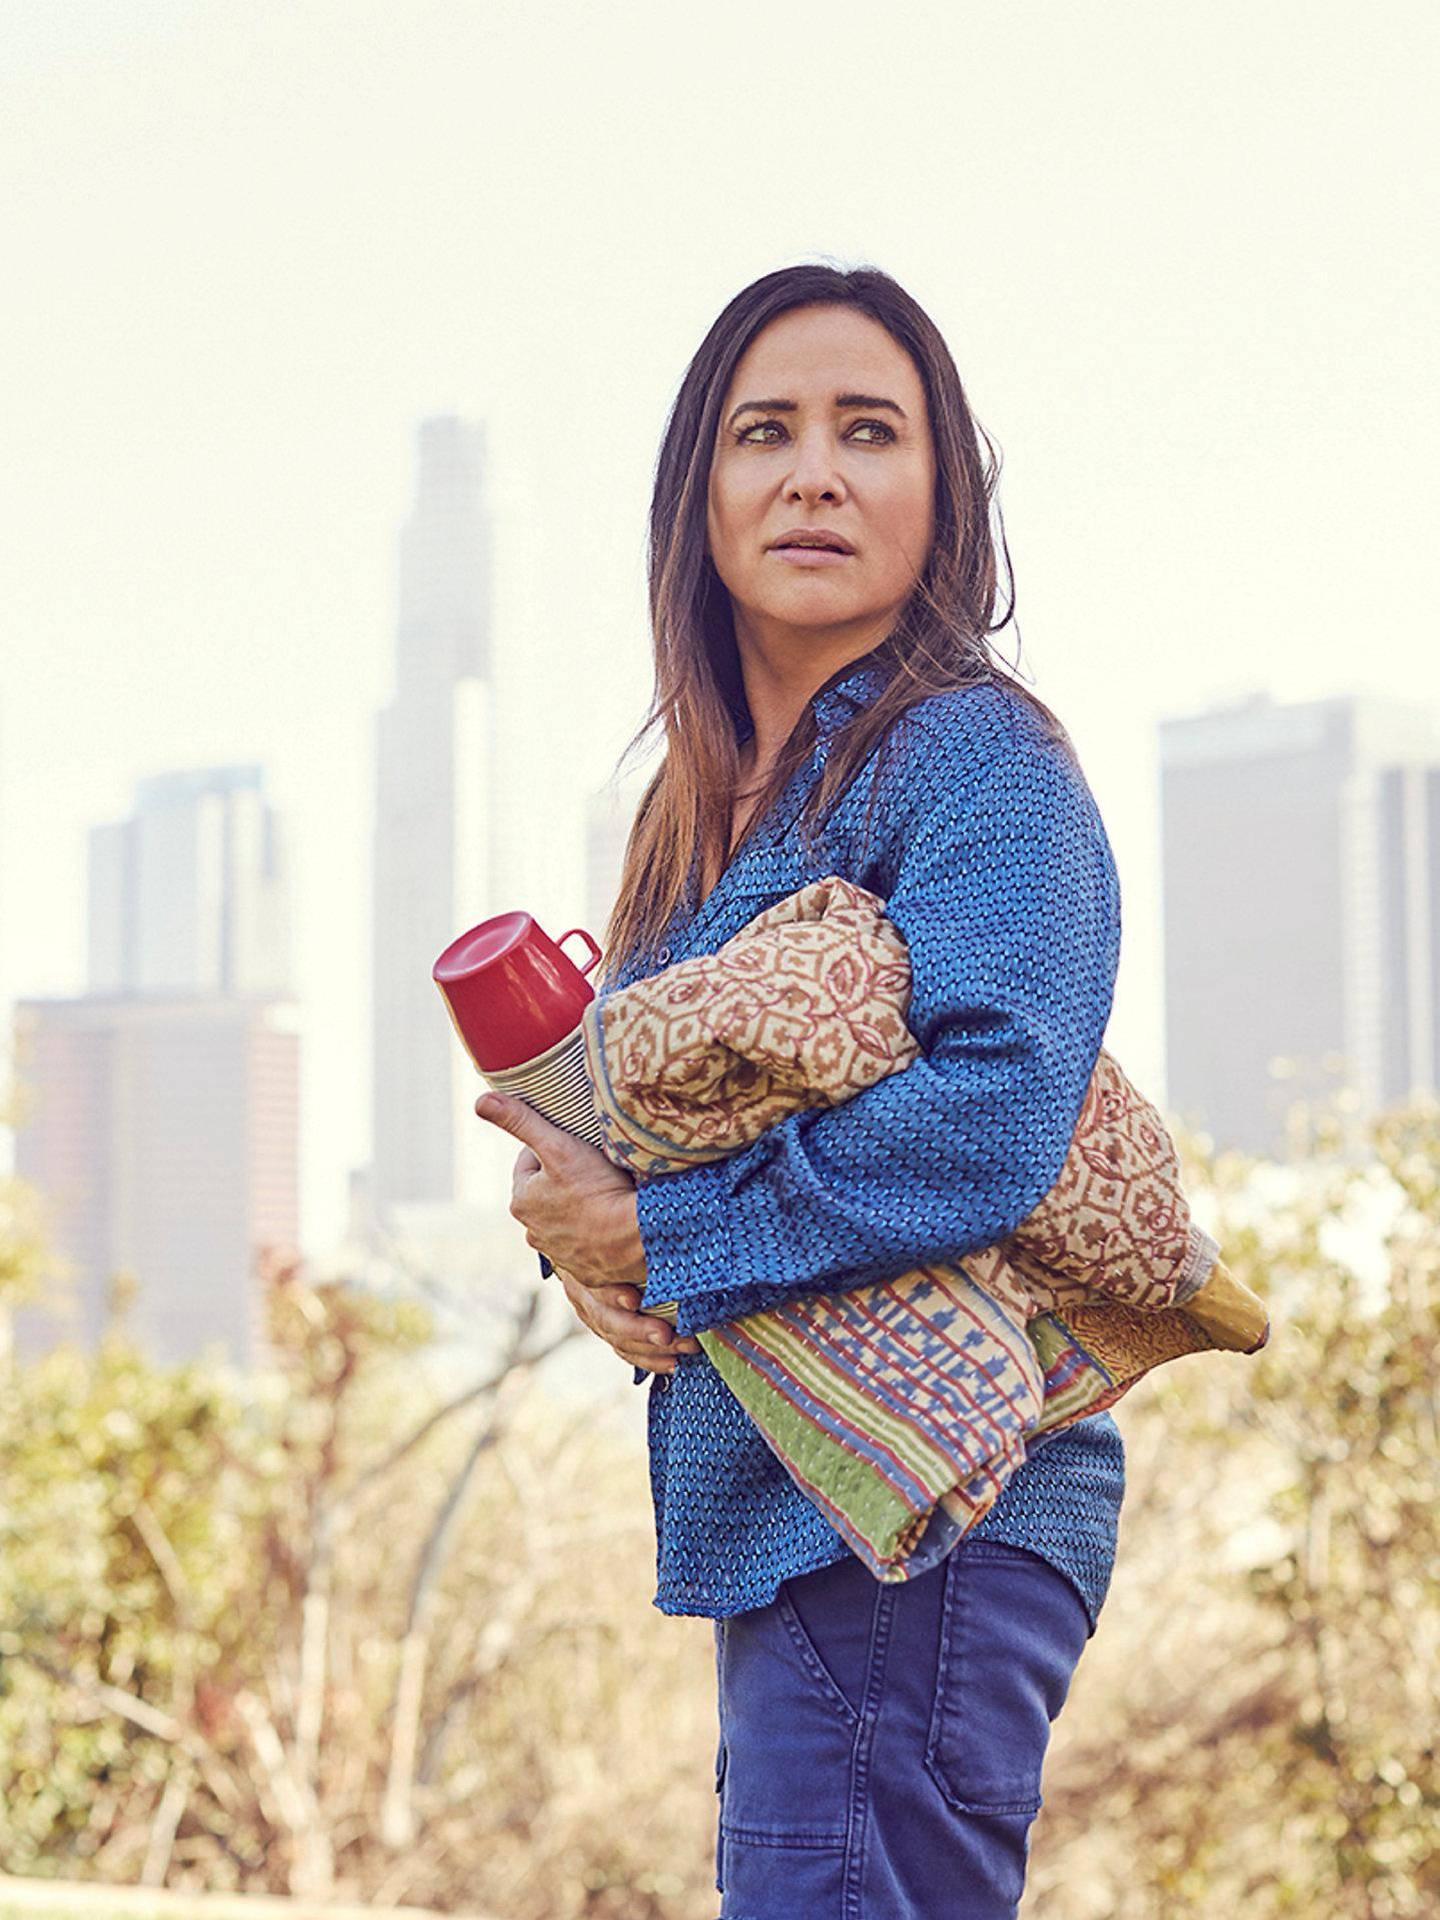 – Ikke ta det personlig, er «Better Things»-skuespiller Pamela Adlons råd til verdens mødre. Sesong 3 av «Better Things» vises på HBO Nordic nå.